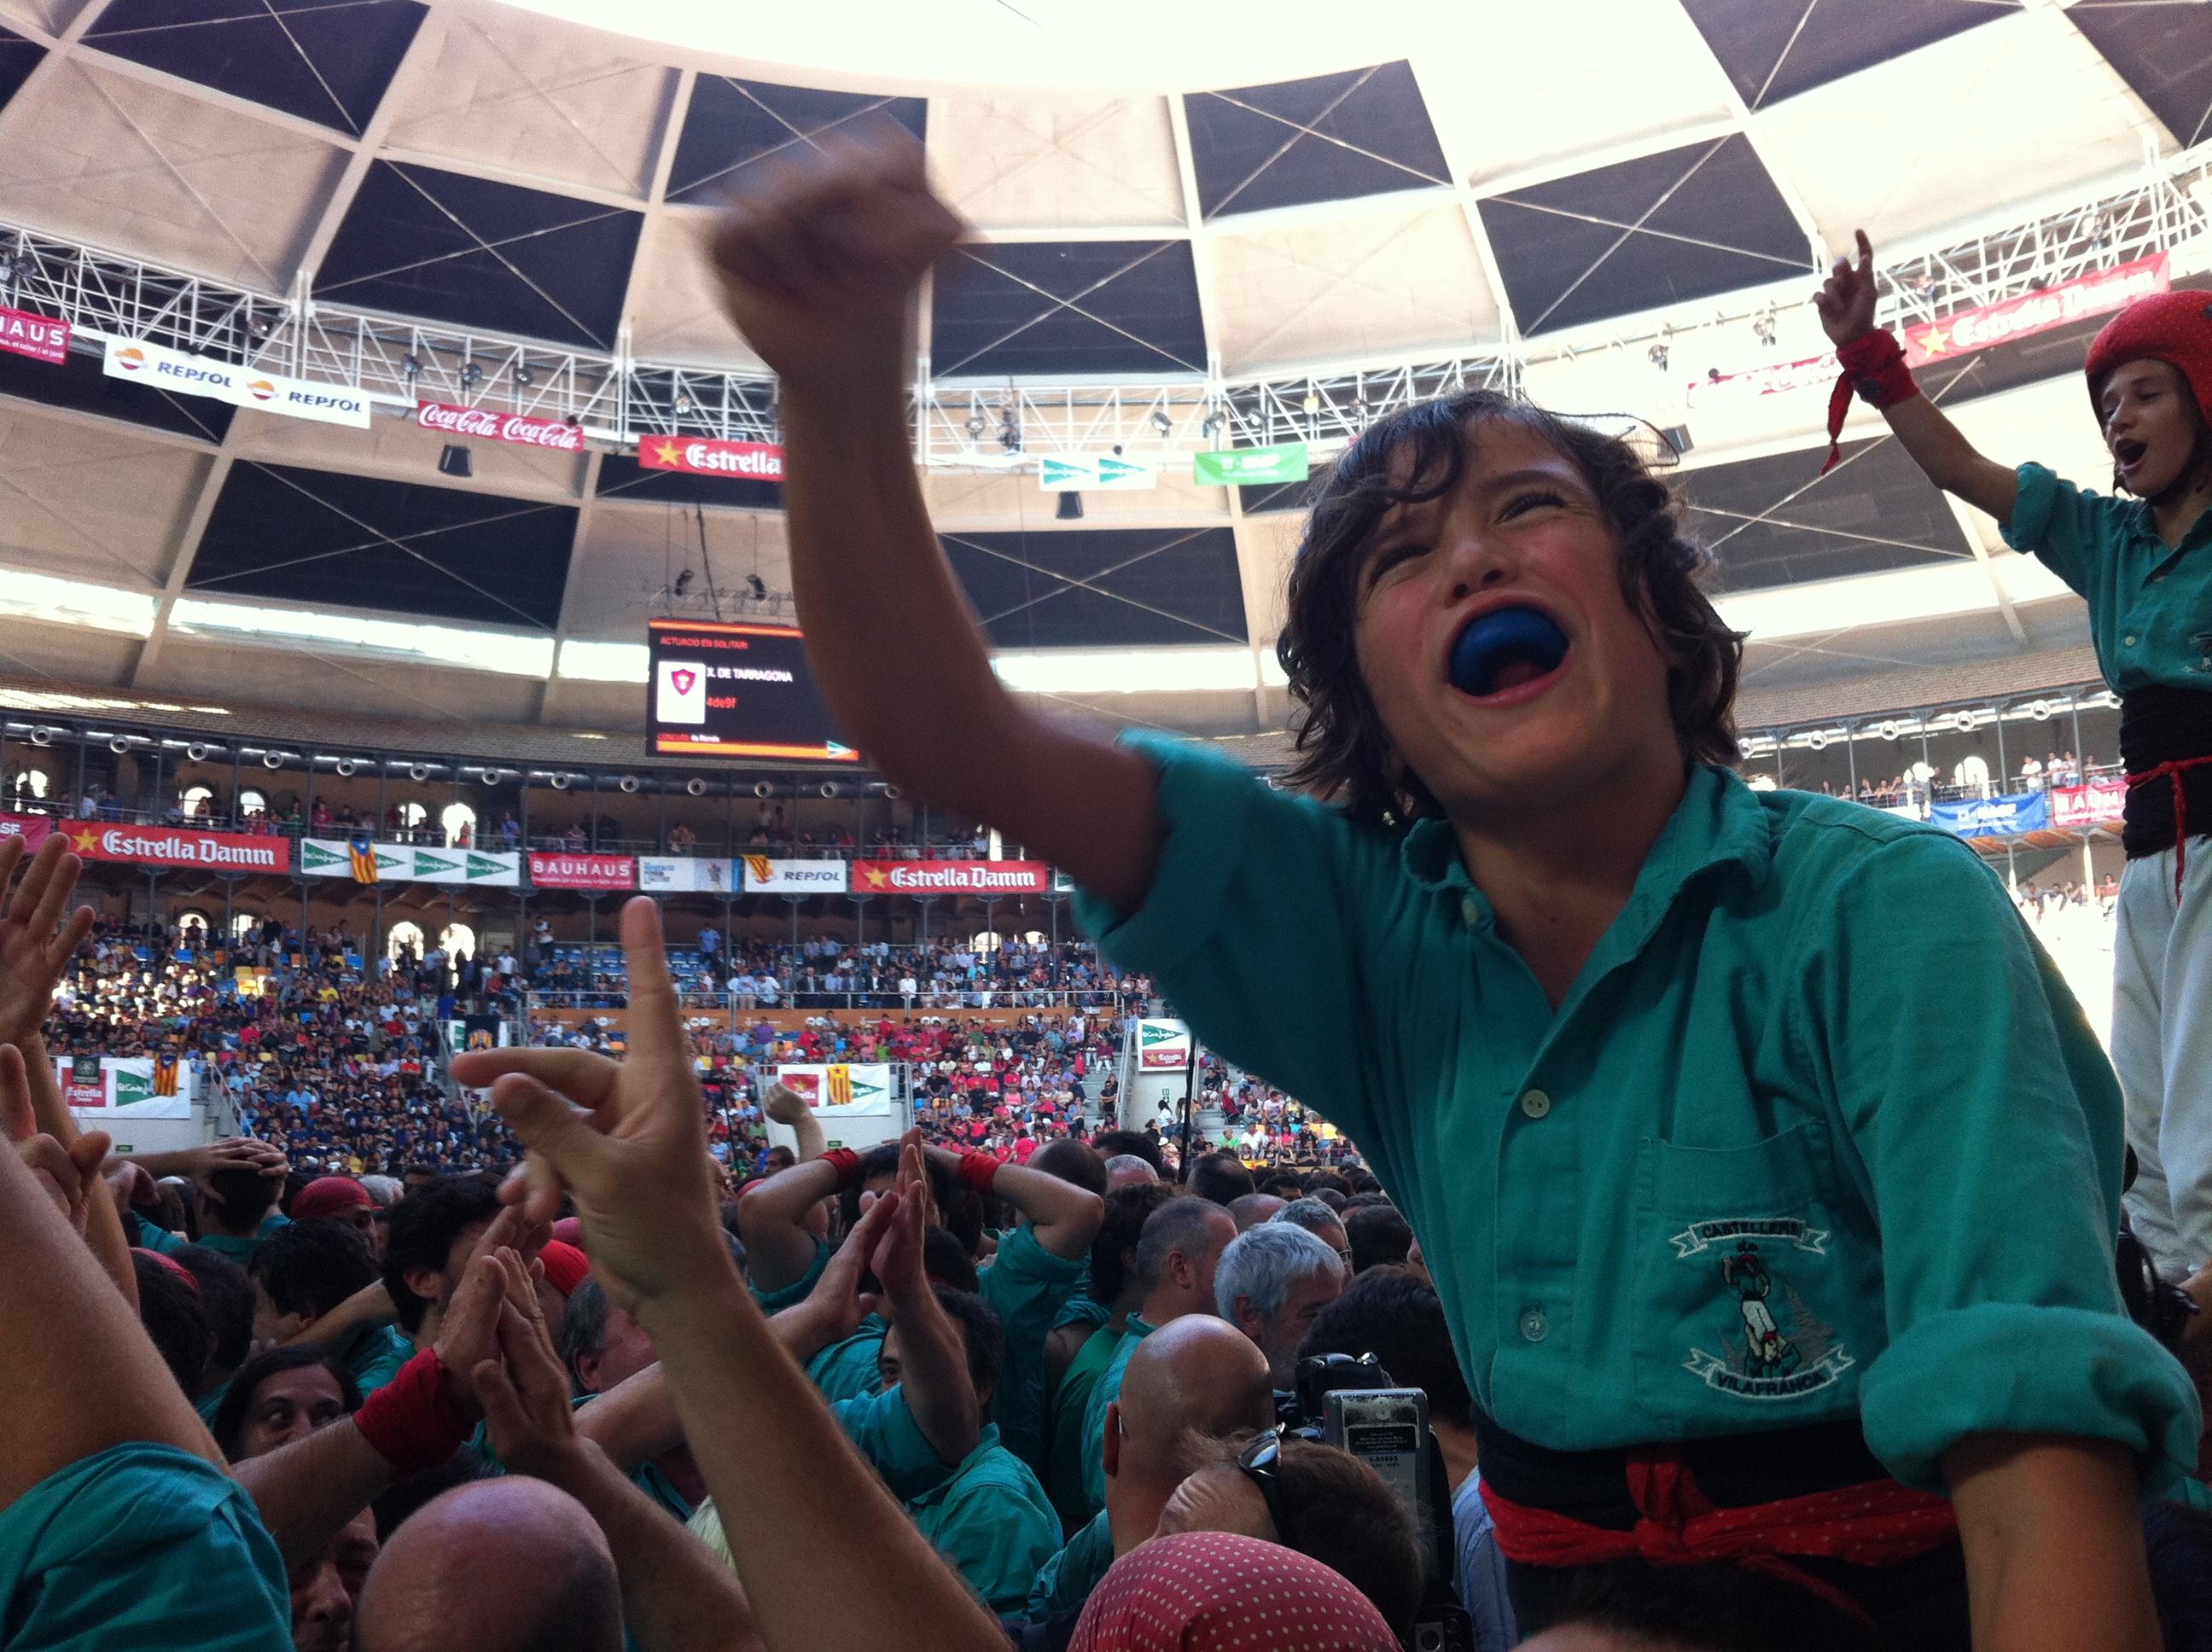 Imatge d'un dels membres de la canalla dels Castellers de Vilafranca celebrant la victòria al Concurs del 2012. (foto: J.Ardila)